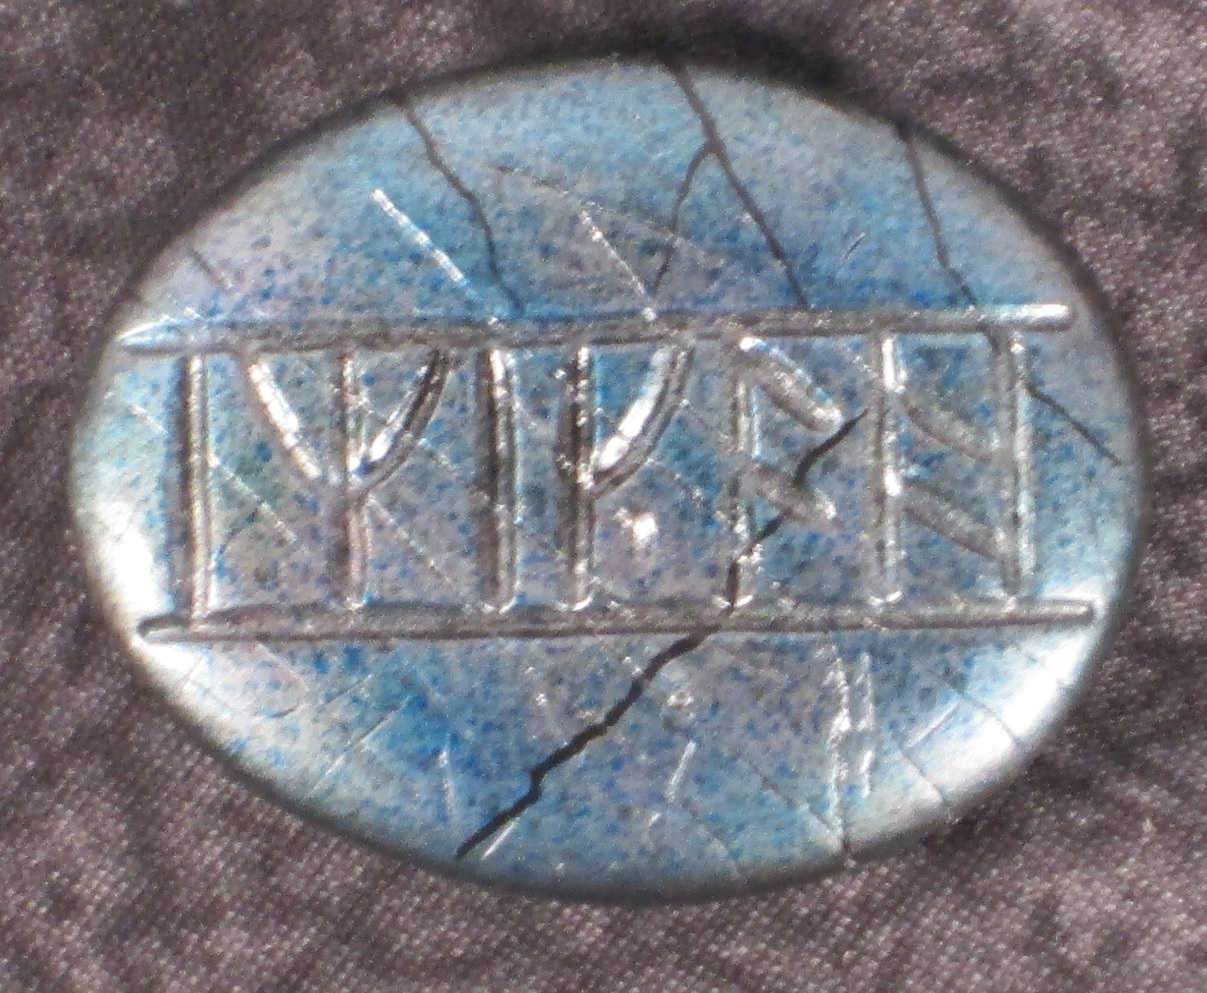 Weta The Hobbit Kili S Rune Stone Prop Replica Wta 1456